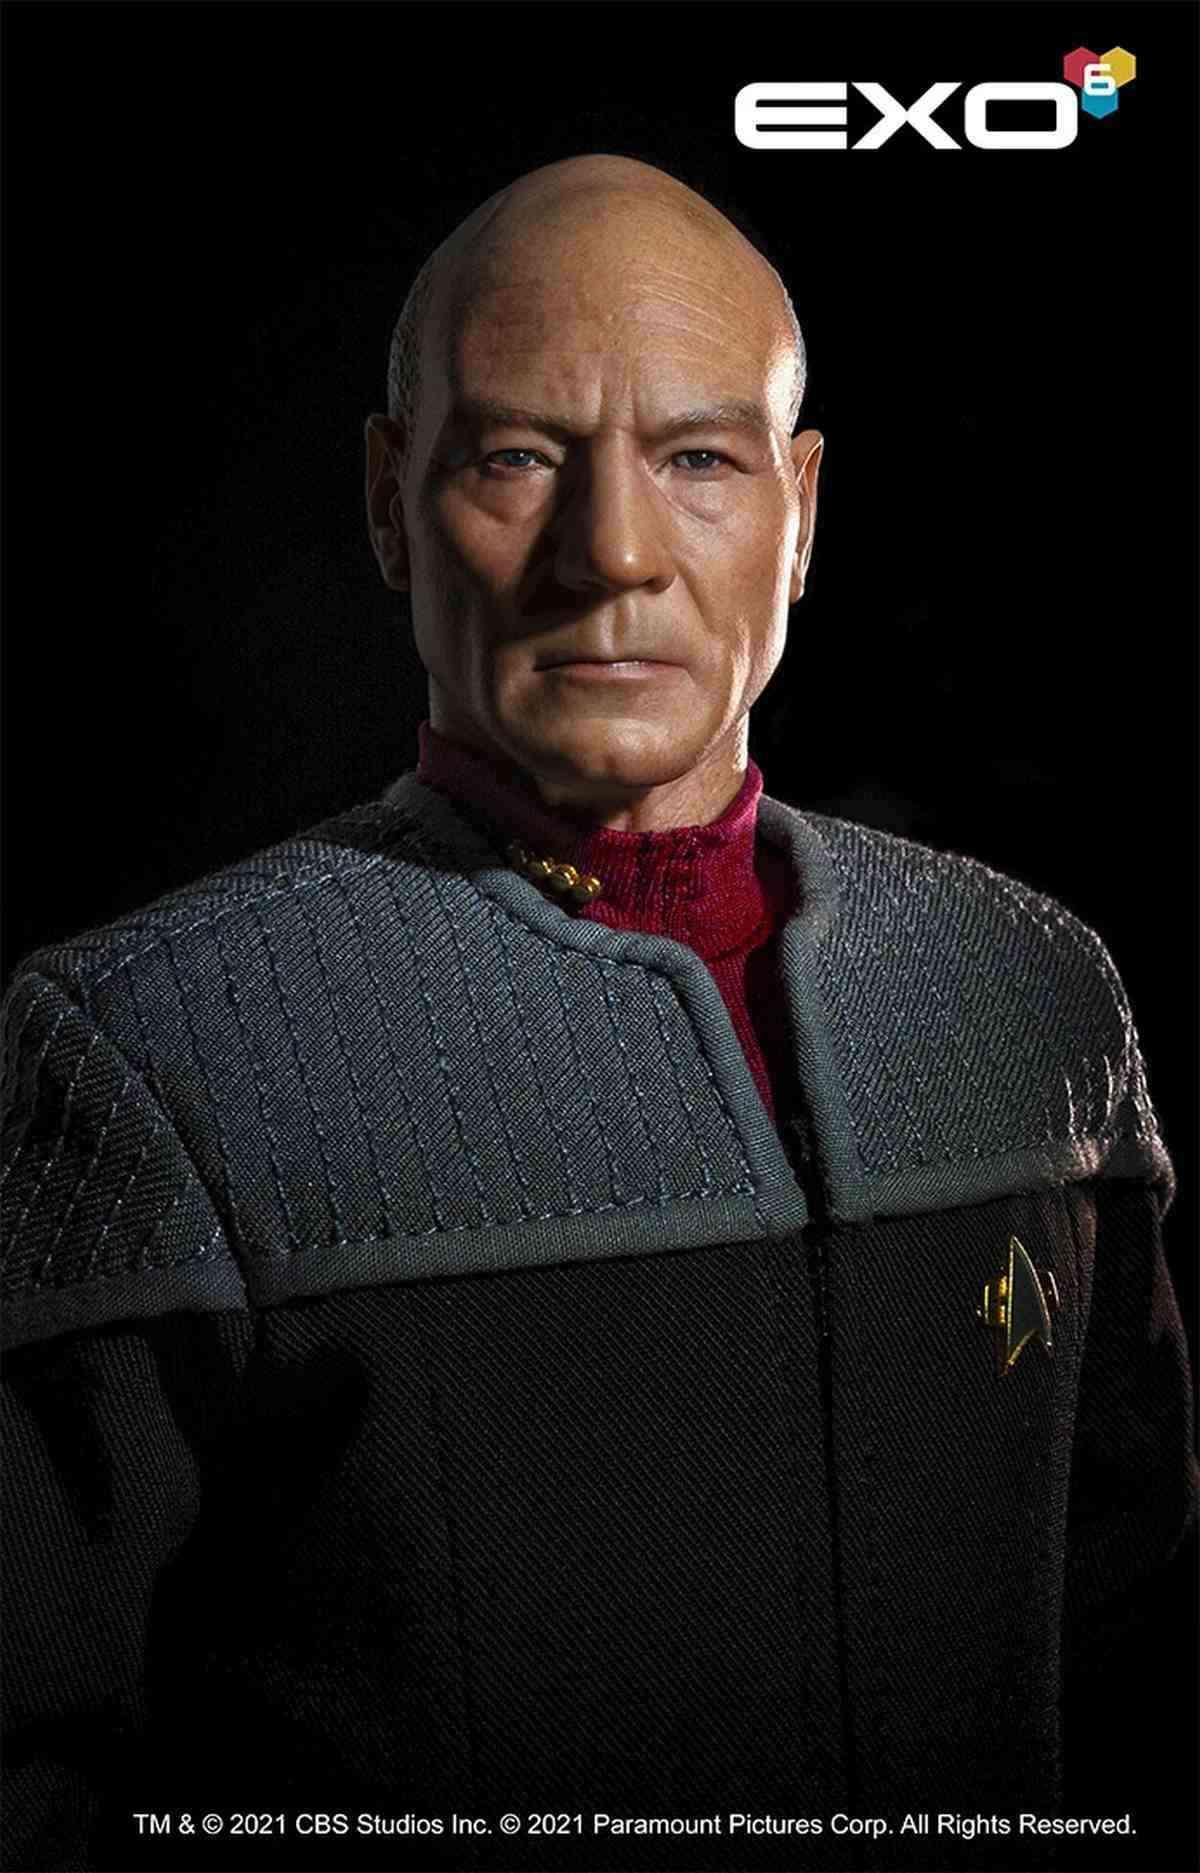 Star Trek First Contact Picard Exo 6 4